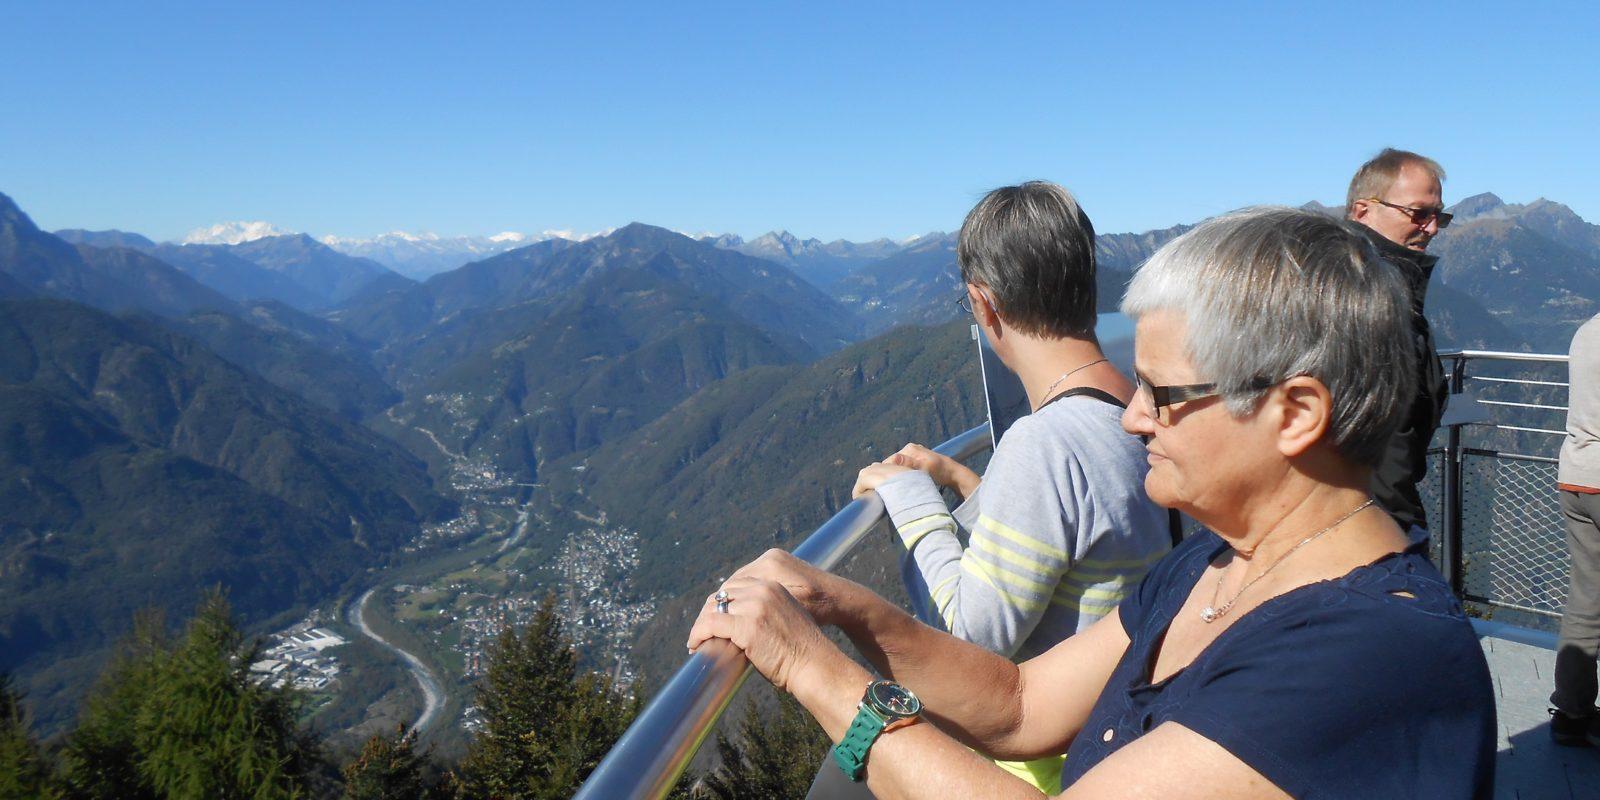 Zwei Bewohnerinnen stehen auf einer Aussichtsplattform und schauen über die Berge